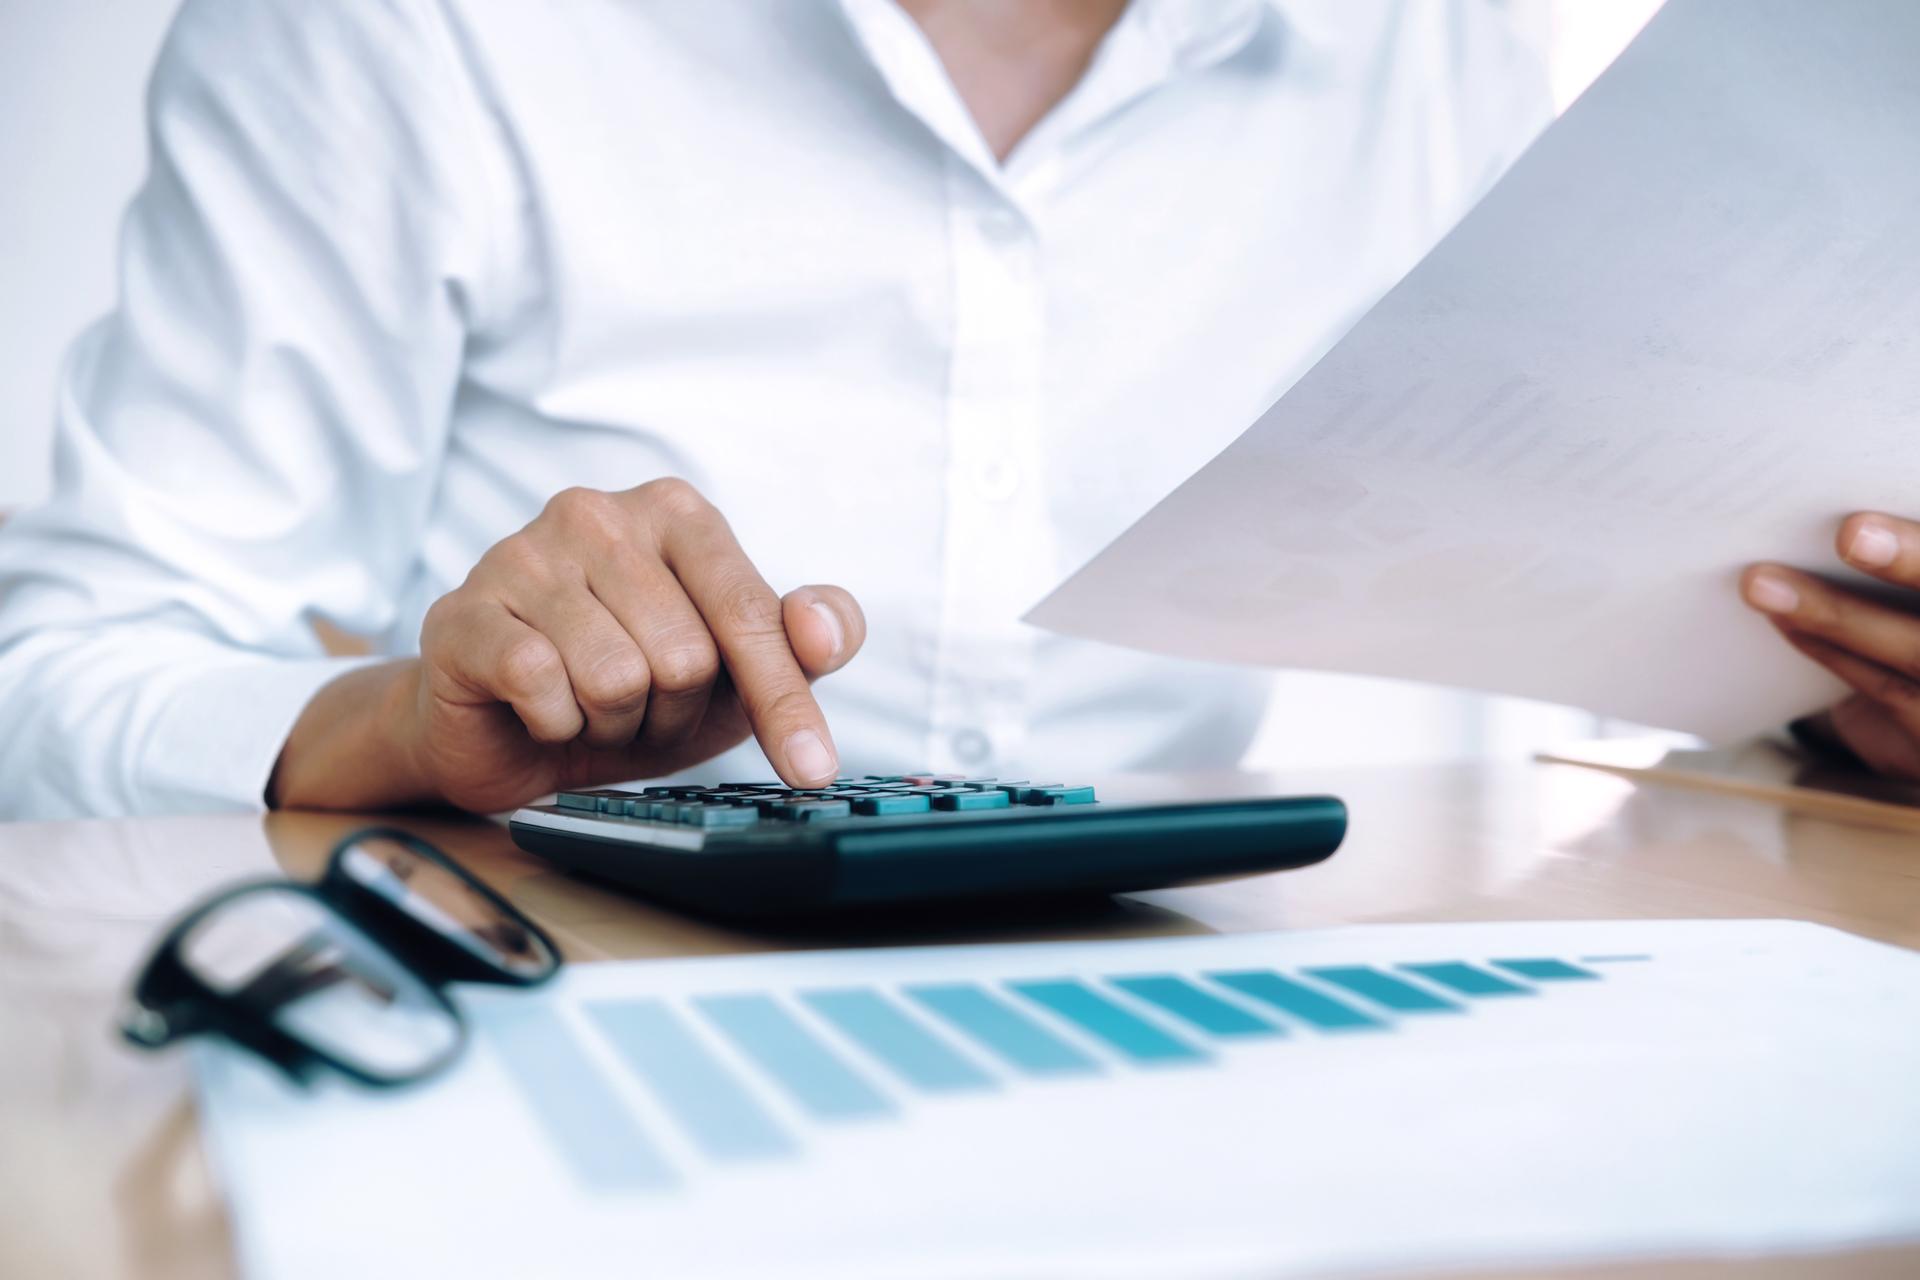 Mesures Covid-19 : accélération des remboursements des crédits d'impôts